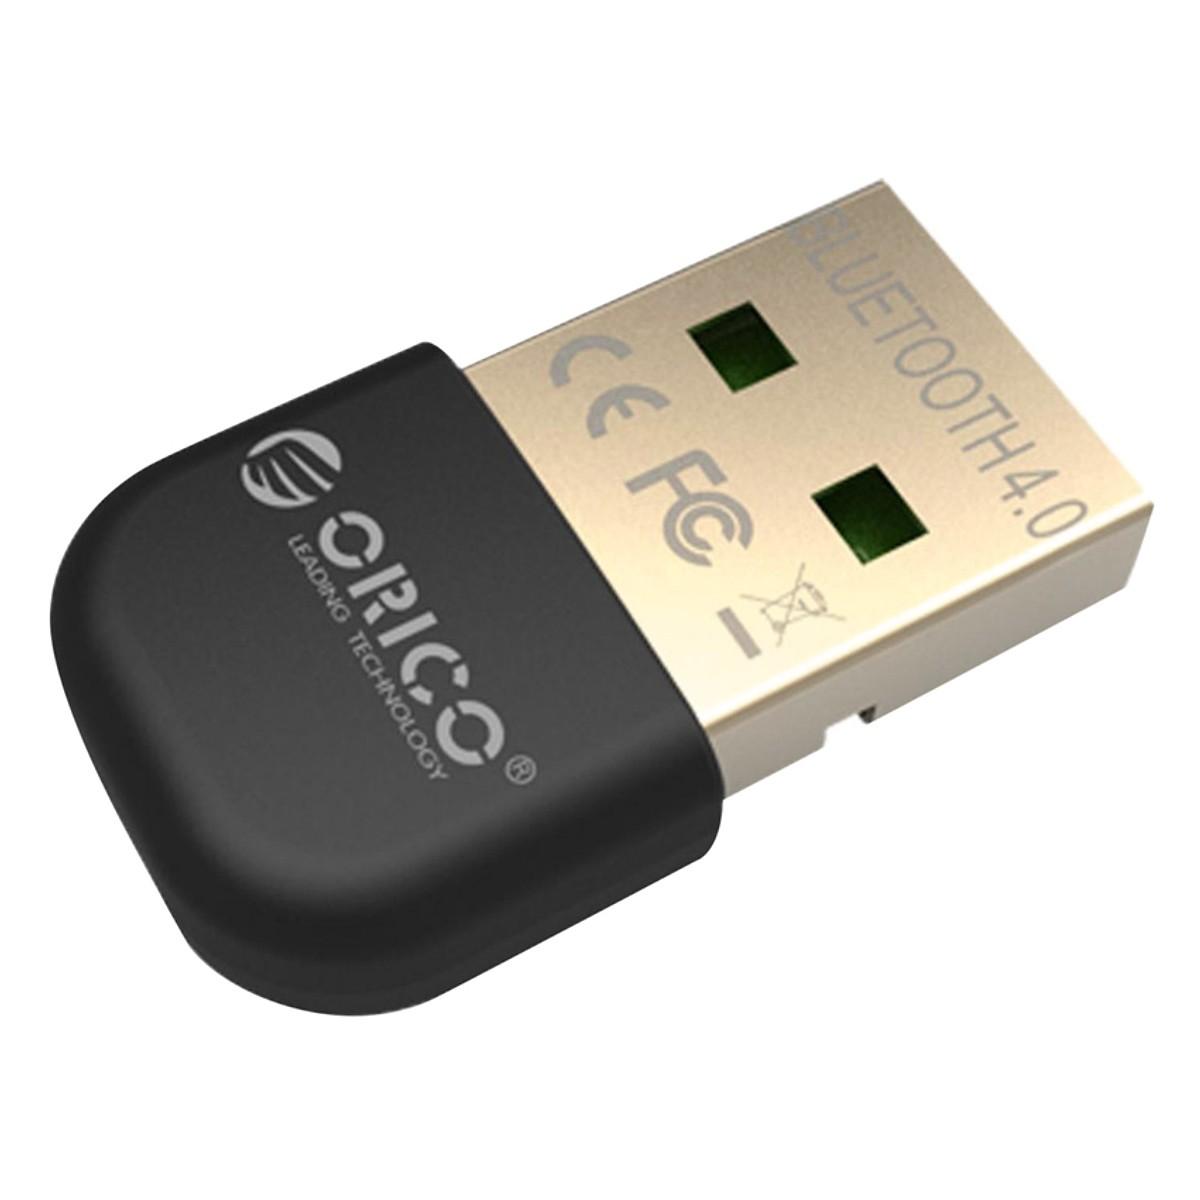 USB Bluetooth 4.0 Orico BTA-403 cho PC, Laptop (Tặng kèm cáp OTG) - Hàng chính hãng